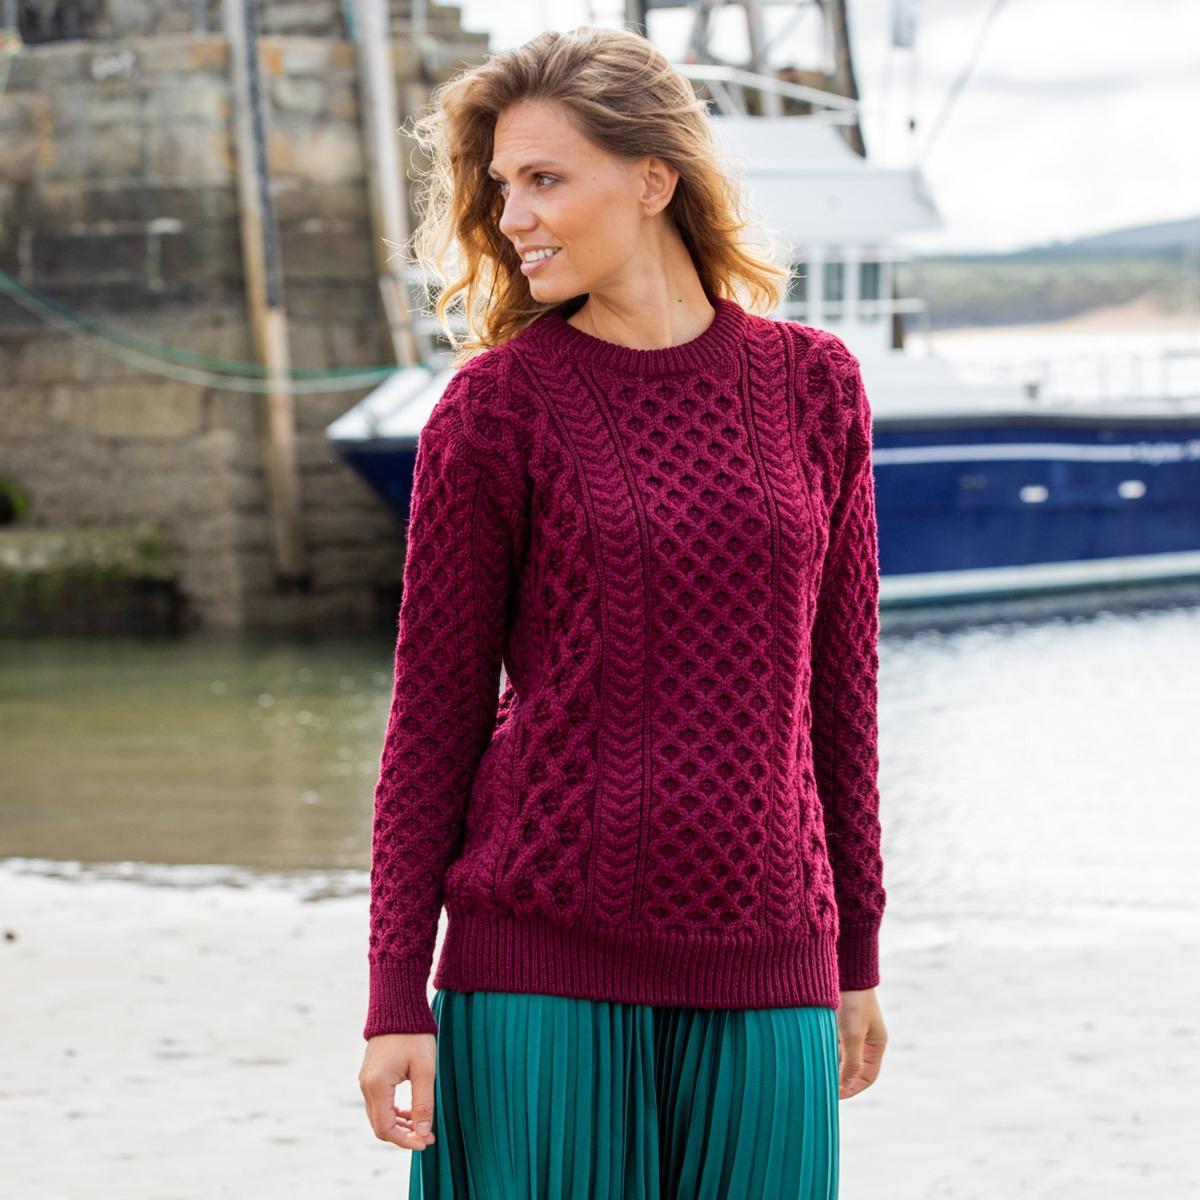 Blasket Aran sweater-Aran knitwear gifts